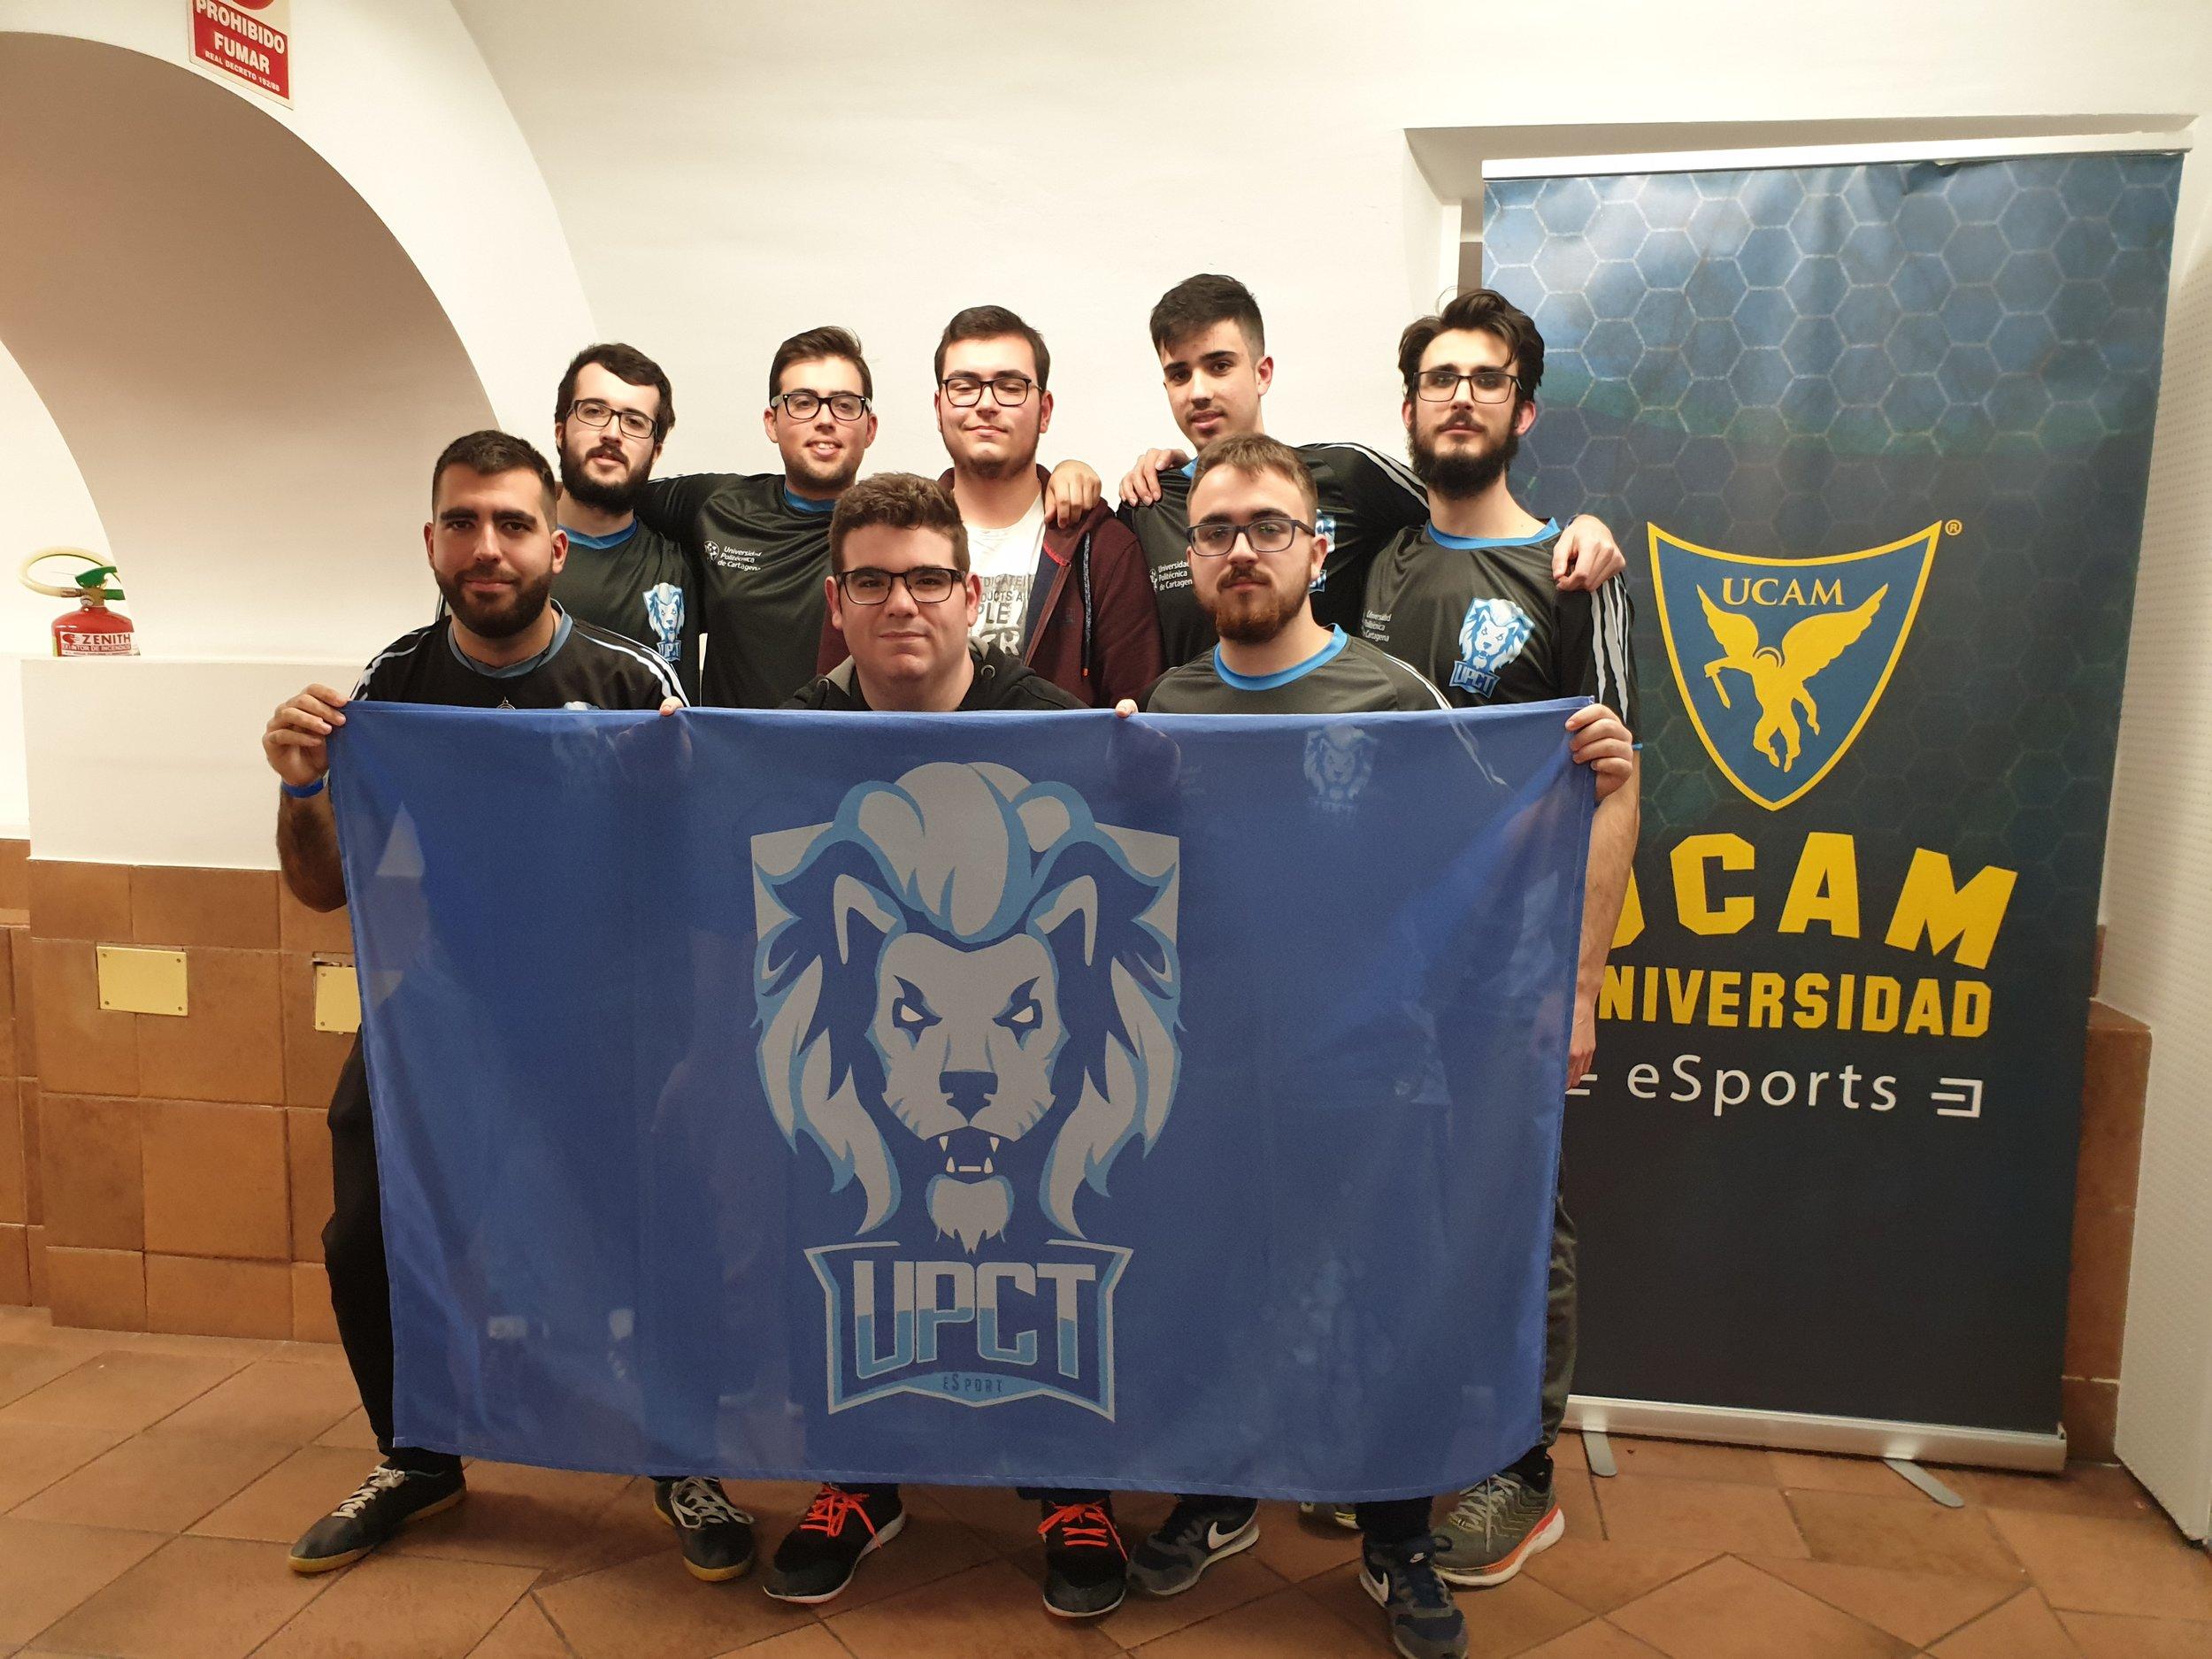 """Fotografía: Javier Amorós García - En la foto: El equipo de UPCT """"LIONS"""" posando con todos sus integrantes."""